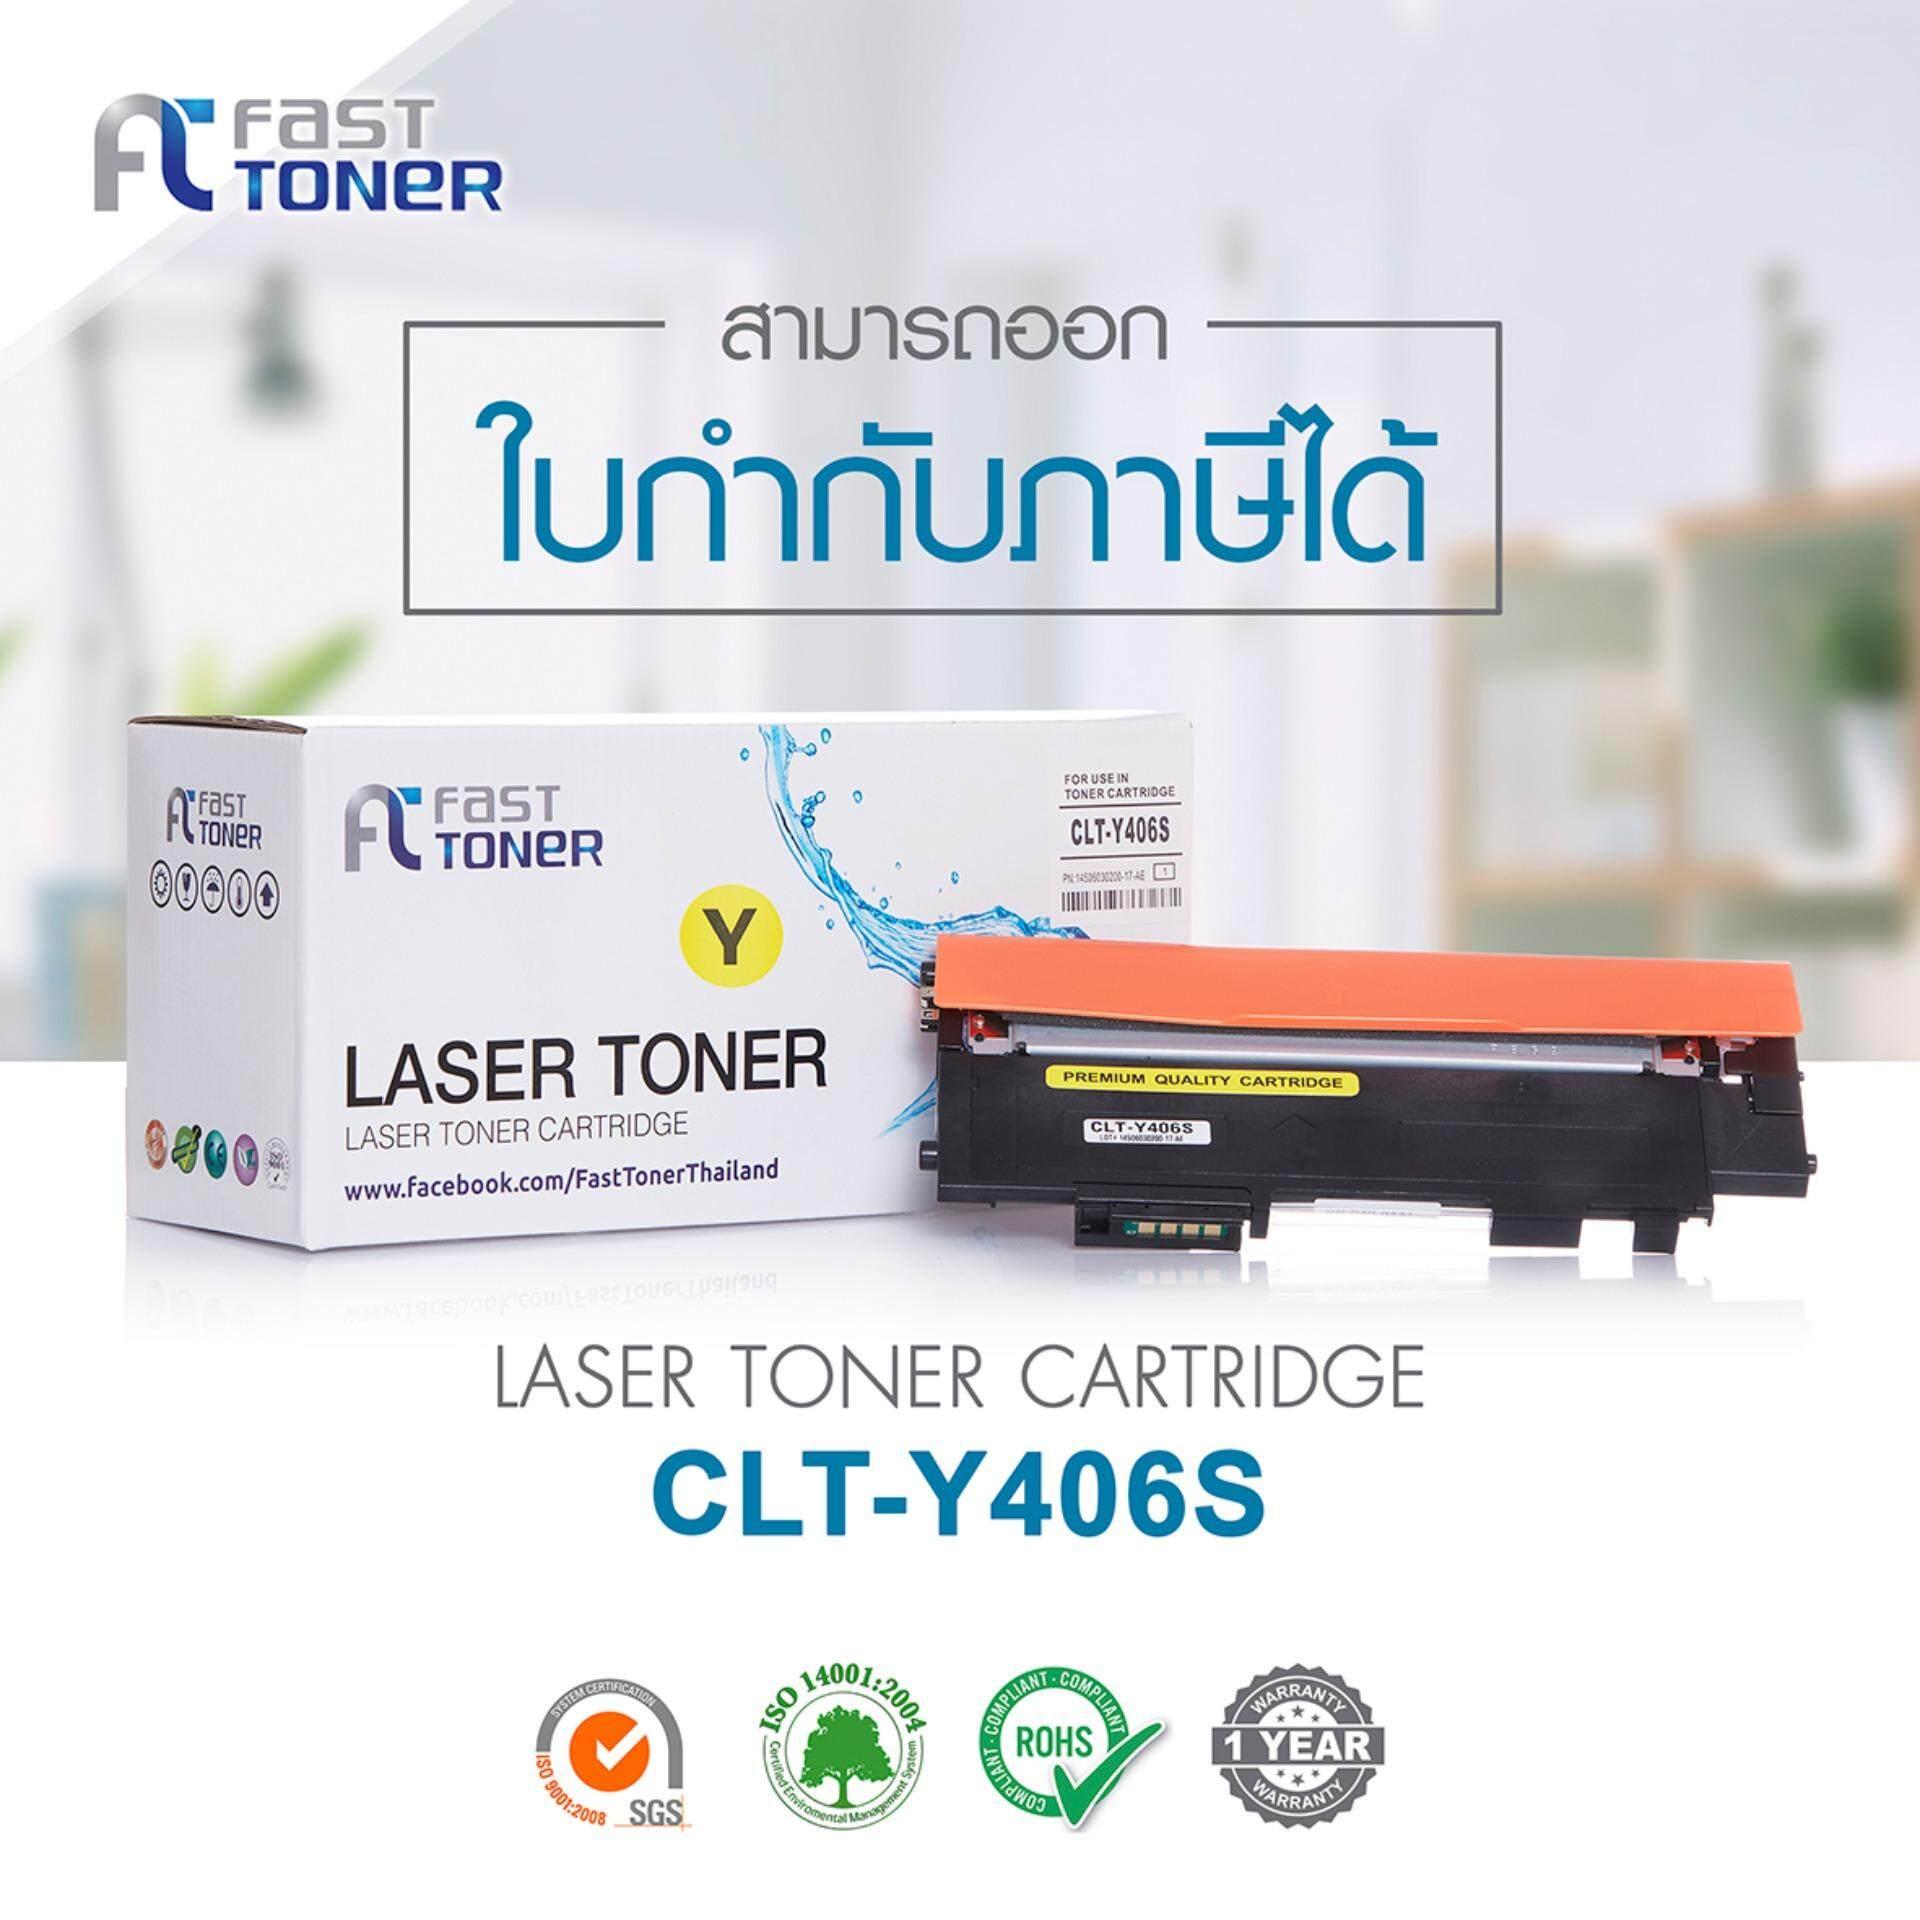 ขาย Fast Toner ตลับหมึกเลเซอร์ Samsung Clt Y406S สีเหลือง For Printer Sumsung Xpress Sl C460 C410 Clp 365 W Clx 3305 W Fn Fast Toner ใน กรุงเทพมหานคร